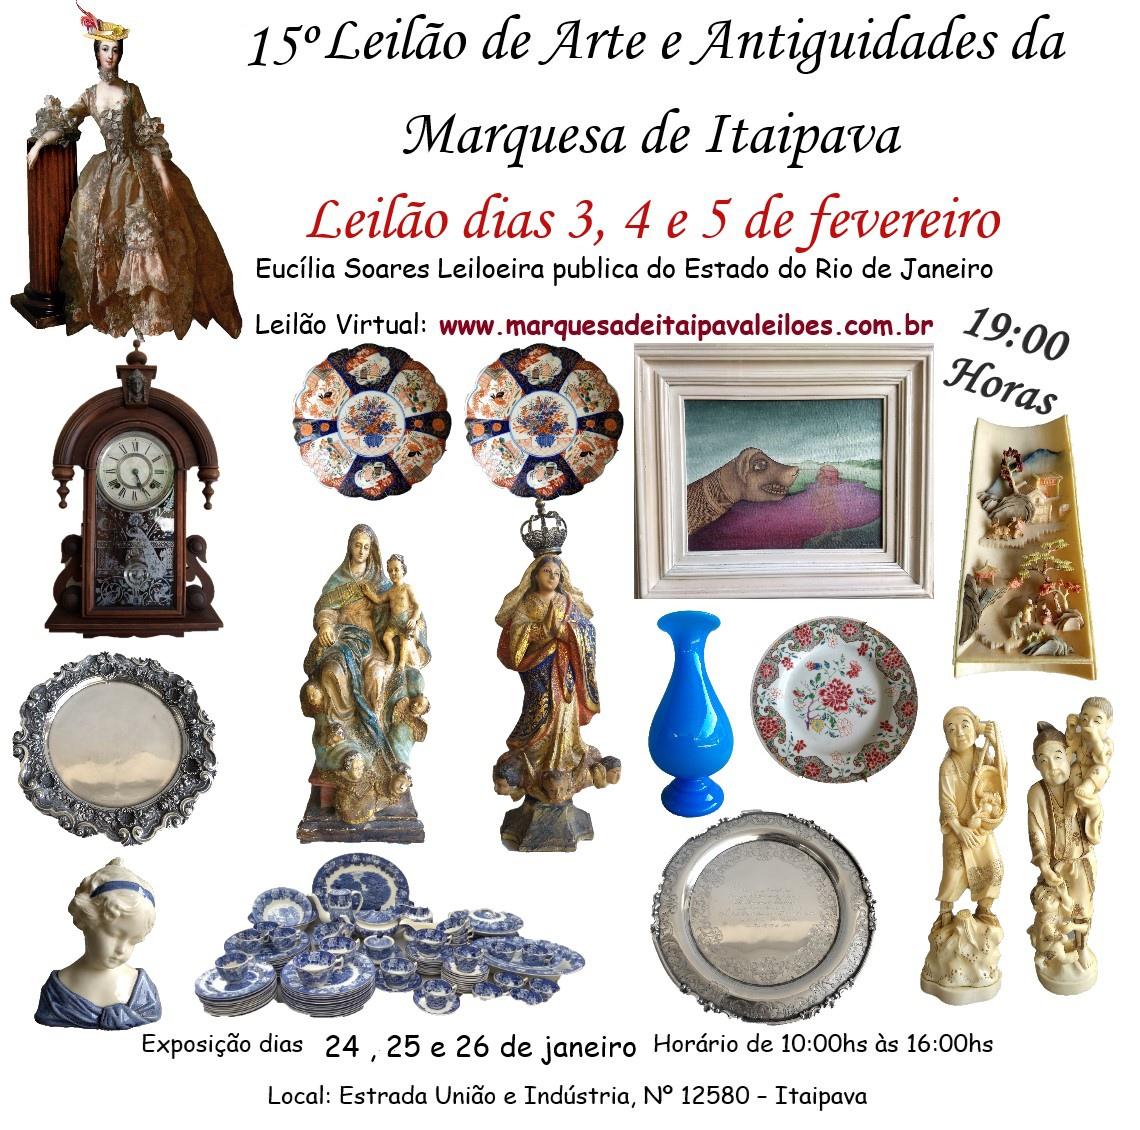 15º LEILÃO DE ARTE E ANTIGUIDADES  DA MARQUESA DE ITAIPAVA